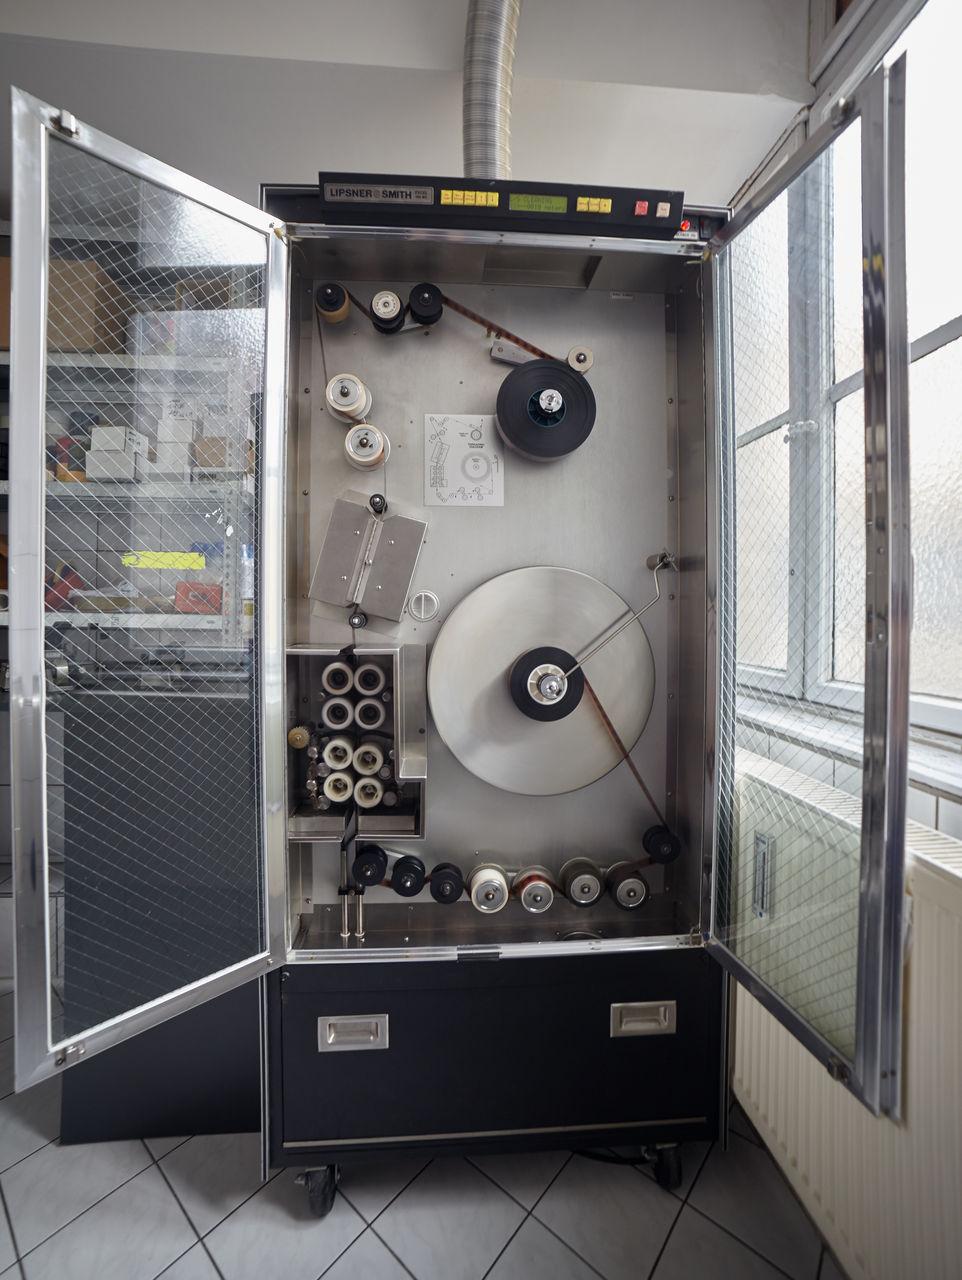 Lipsner & Smith Filmwaschmaschine